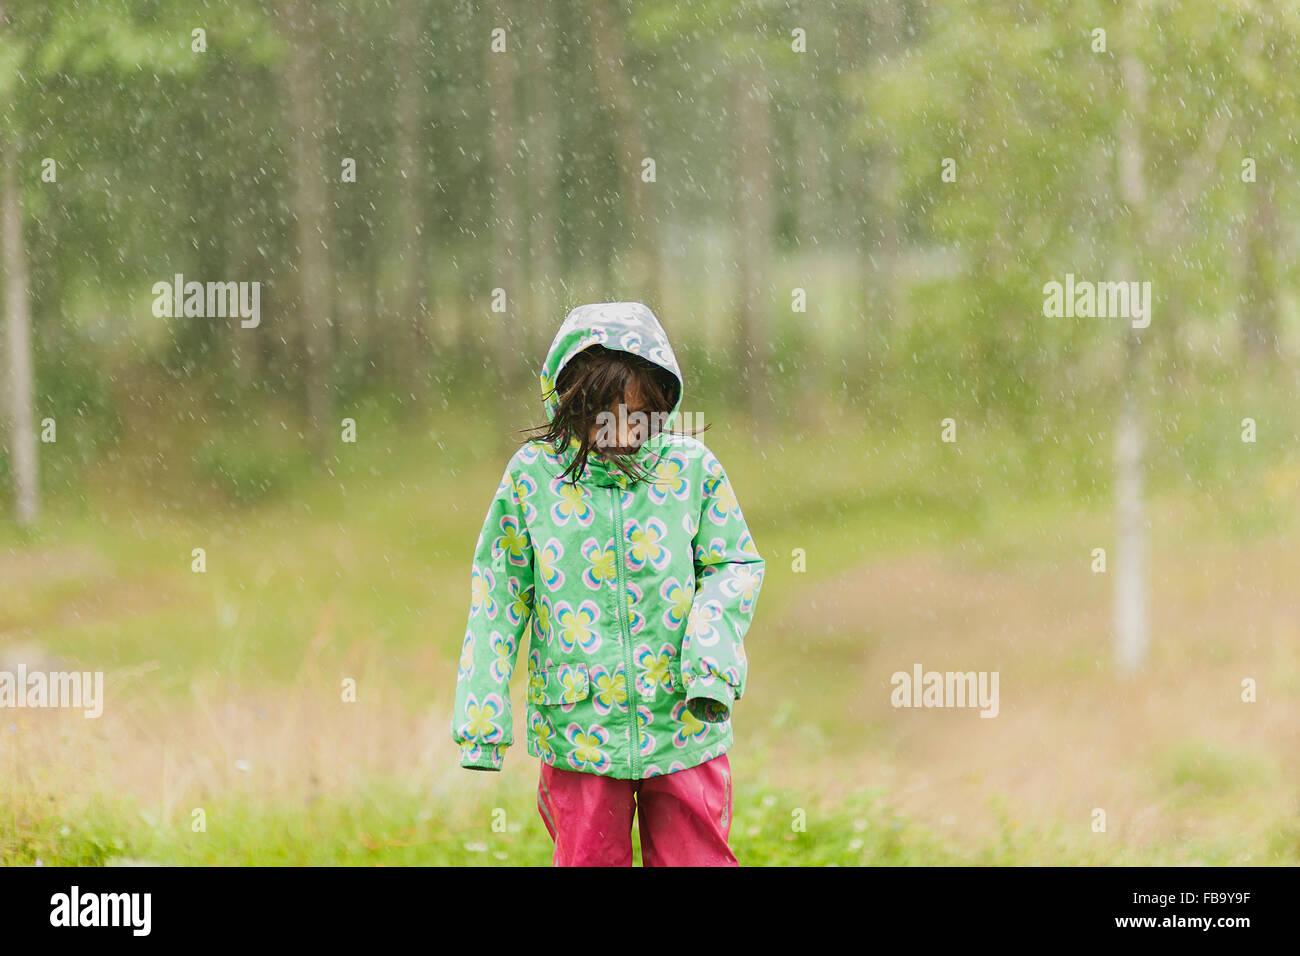 La Suède, Vastmanland, Bergslagen, Girl (4-5) s'exécutant dans la pluie Photo Stock